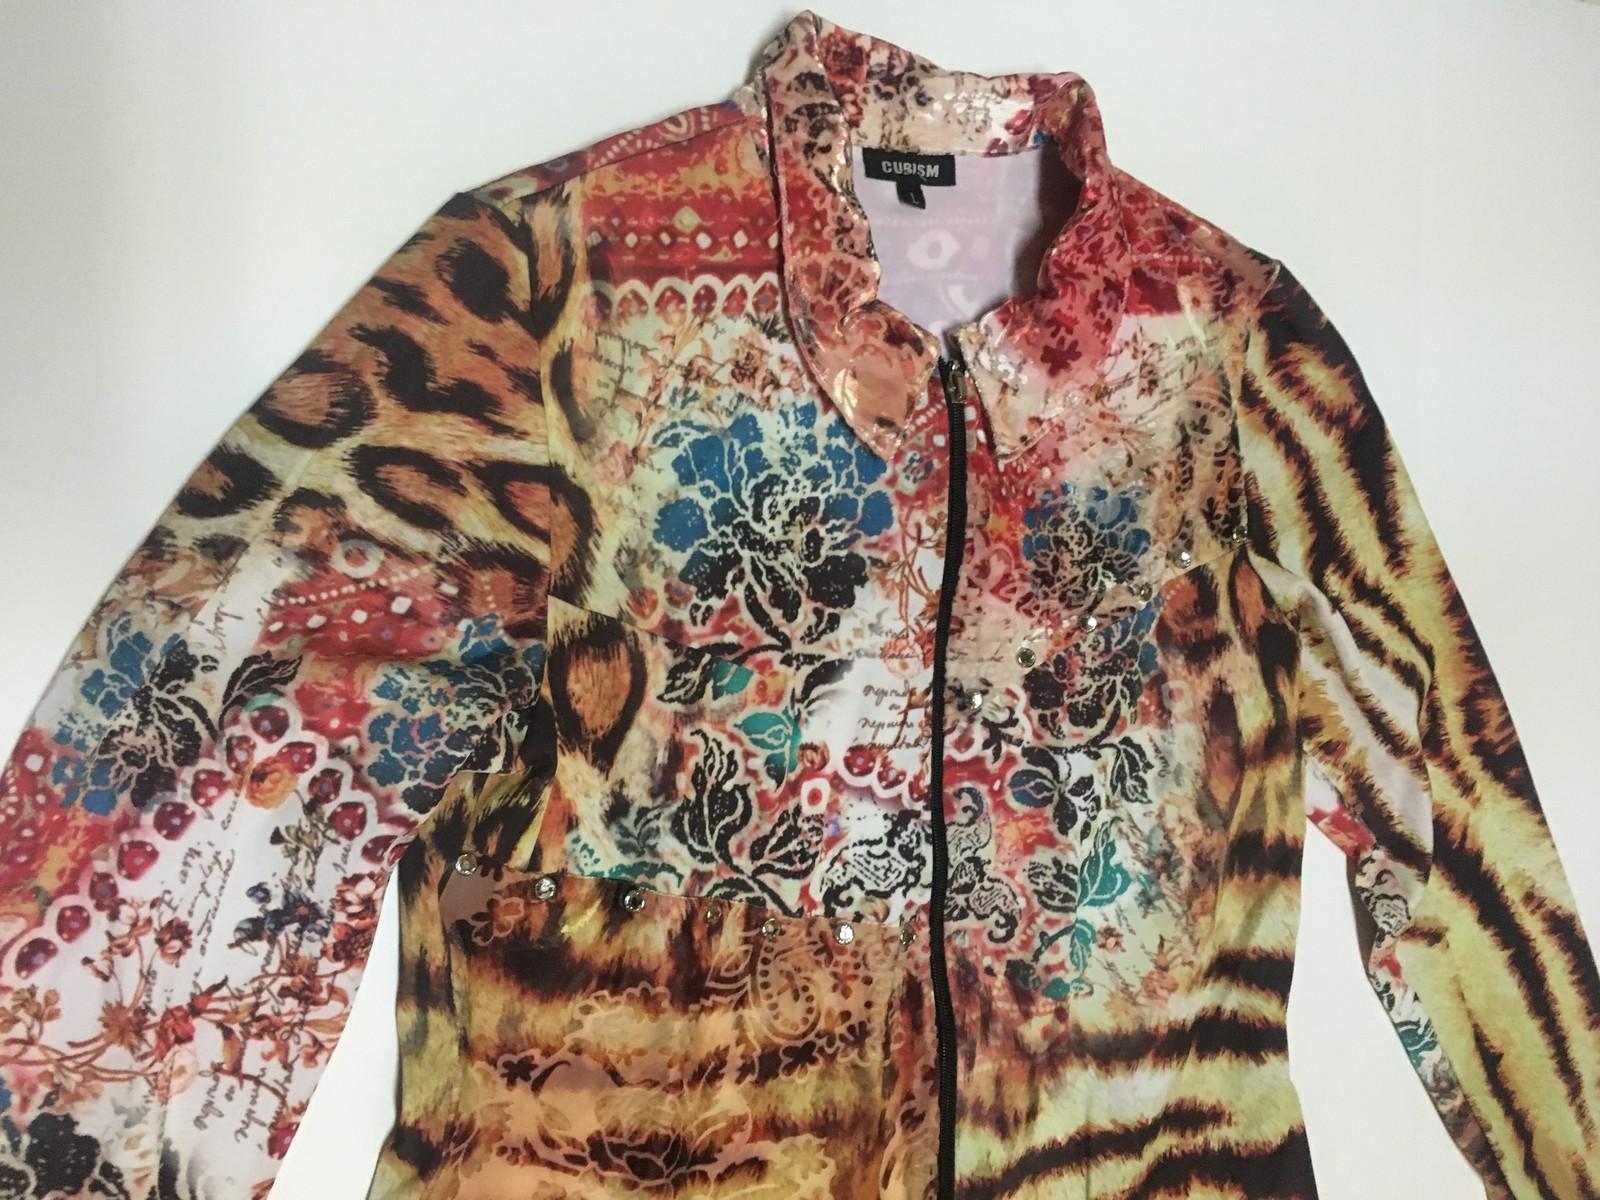 Women's Cubism Light Jacket Shirt NWT SZ L Multi-Design Zipper Front USA